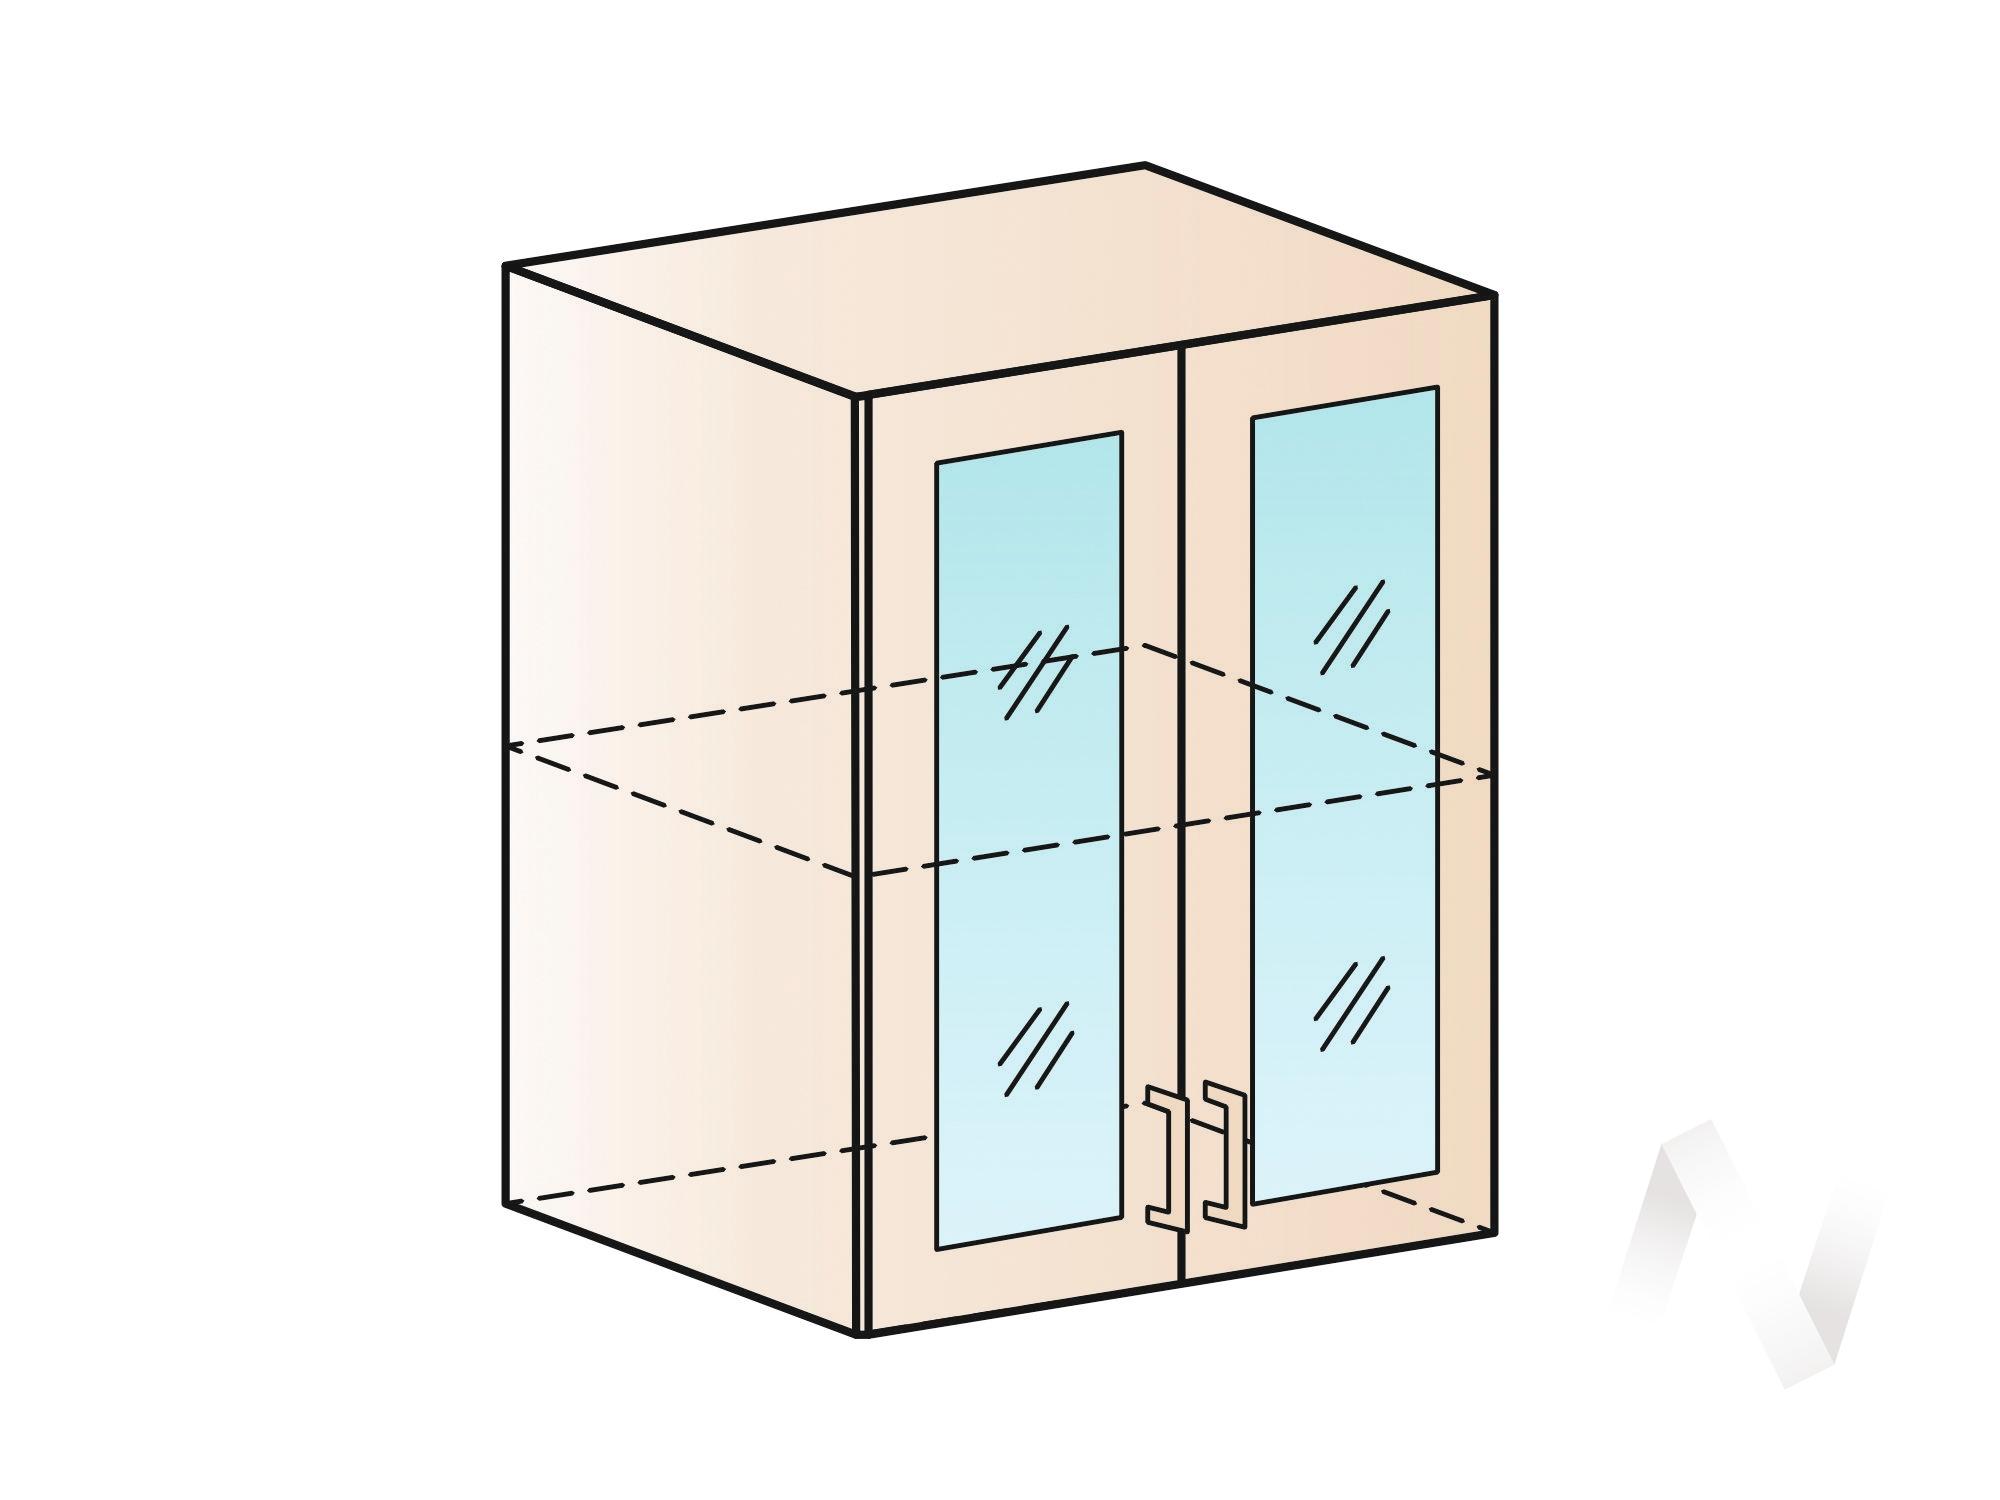 """Купить кухня """"вена"""": шкаф верхний со стеклом 600, швс 600 (корпус белый) в Новосибирске в интернет-магазине Мебель плюс Техника"""